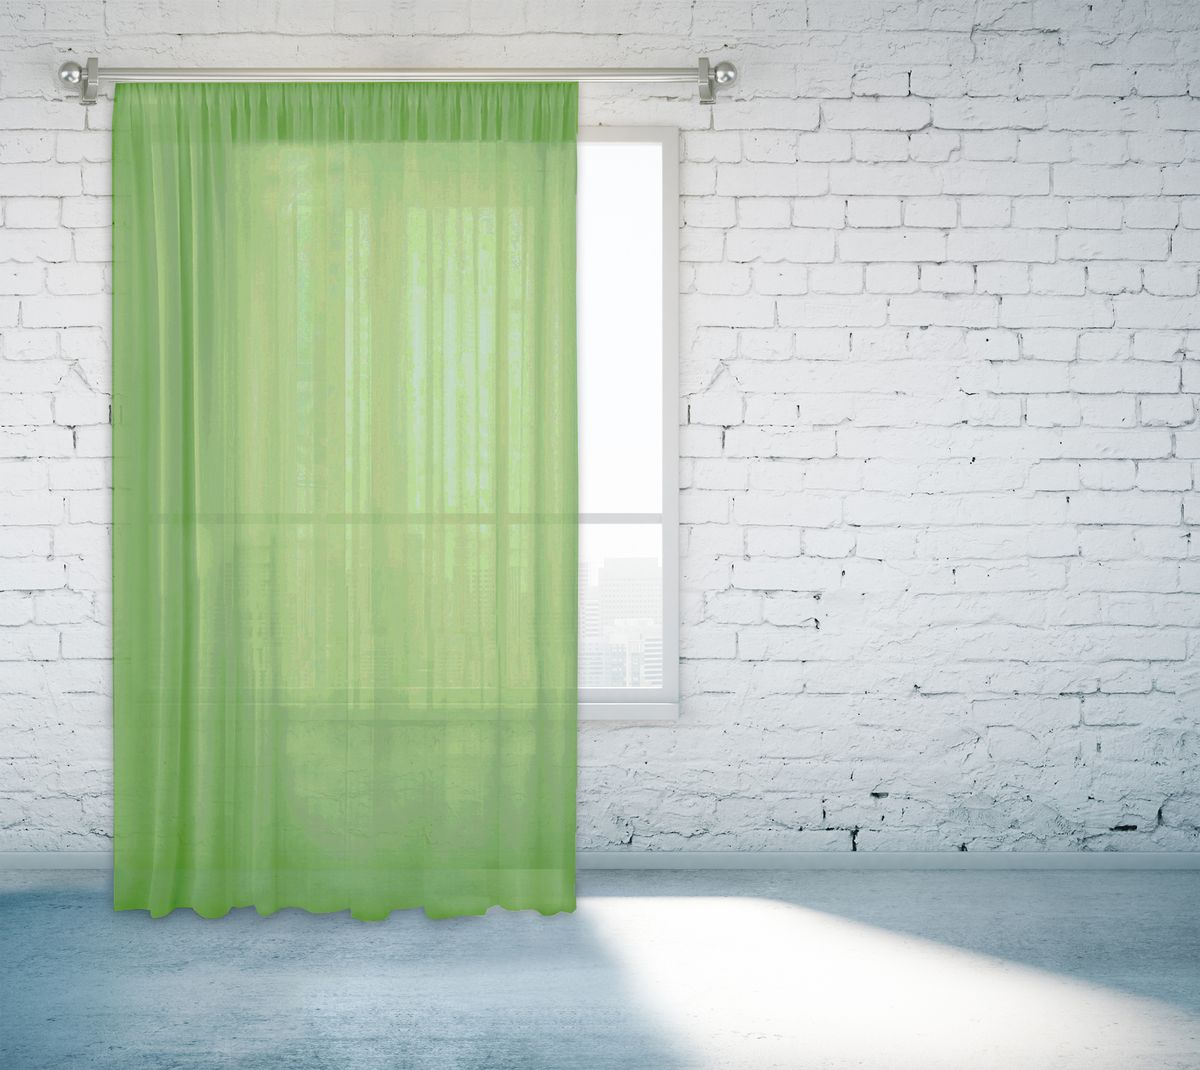 Тюль Zlata Korunka, на ленте, цвет: зеленый, высота 260 см. 55670-1255670-12Тюль Zlata Korunka изготовлен из 100% полиэстера и великолепно украсит любое окно. Воздушная ткань и приятная, приглушенная гамма привлекут к себе внимание и органично впишутся в интерьер помещения. Полиэстер - вид ткани, состоящий из полиэфирных волокон. Ткани из полиэстера - легкие, прочные и износостойкие. Такие изделия не требуют специального ухода, не пылятся и почти не мнутся.Крепление к карнизу осуществляется с использованием тесьмы. Такой тюль идеально оформит интерьер любого помещения.